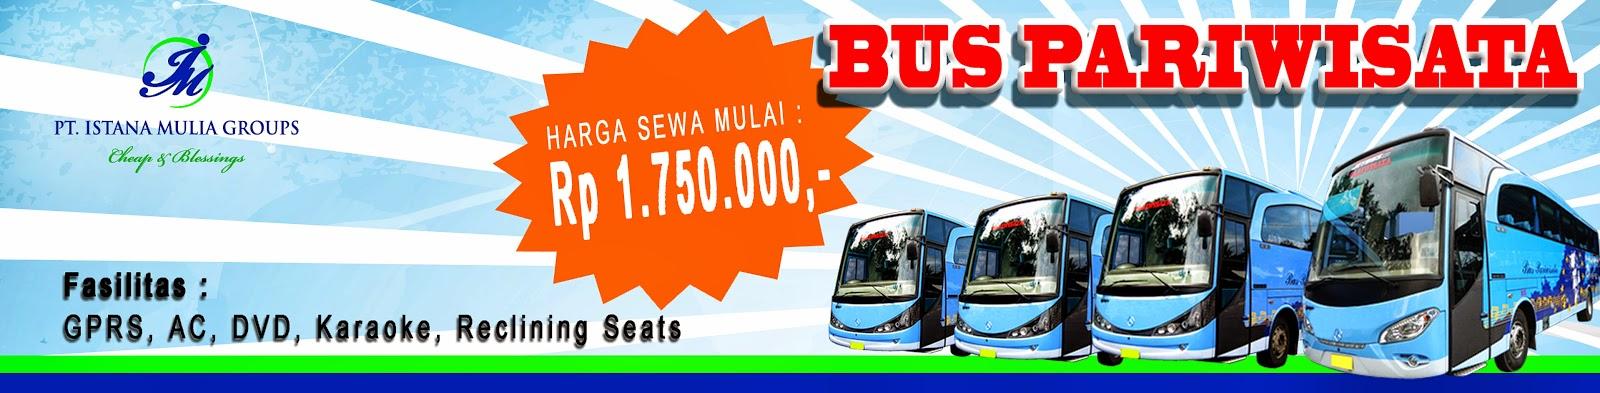 Harga Sewa Bus Murah, Sewa Bus Murah